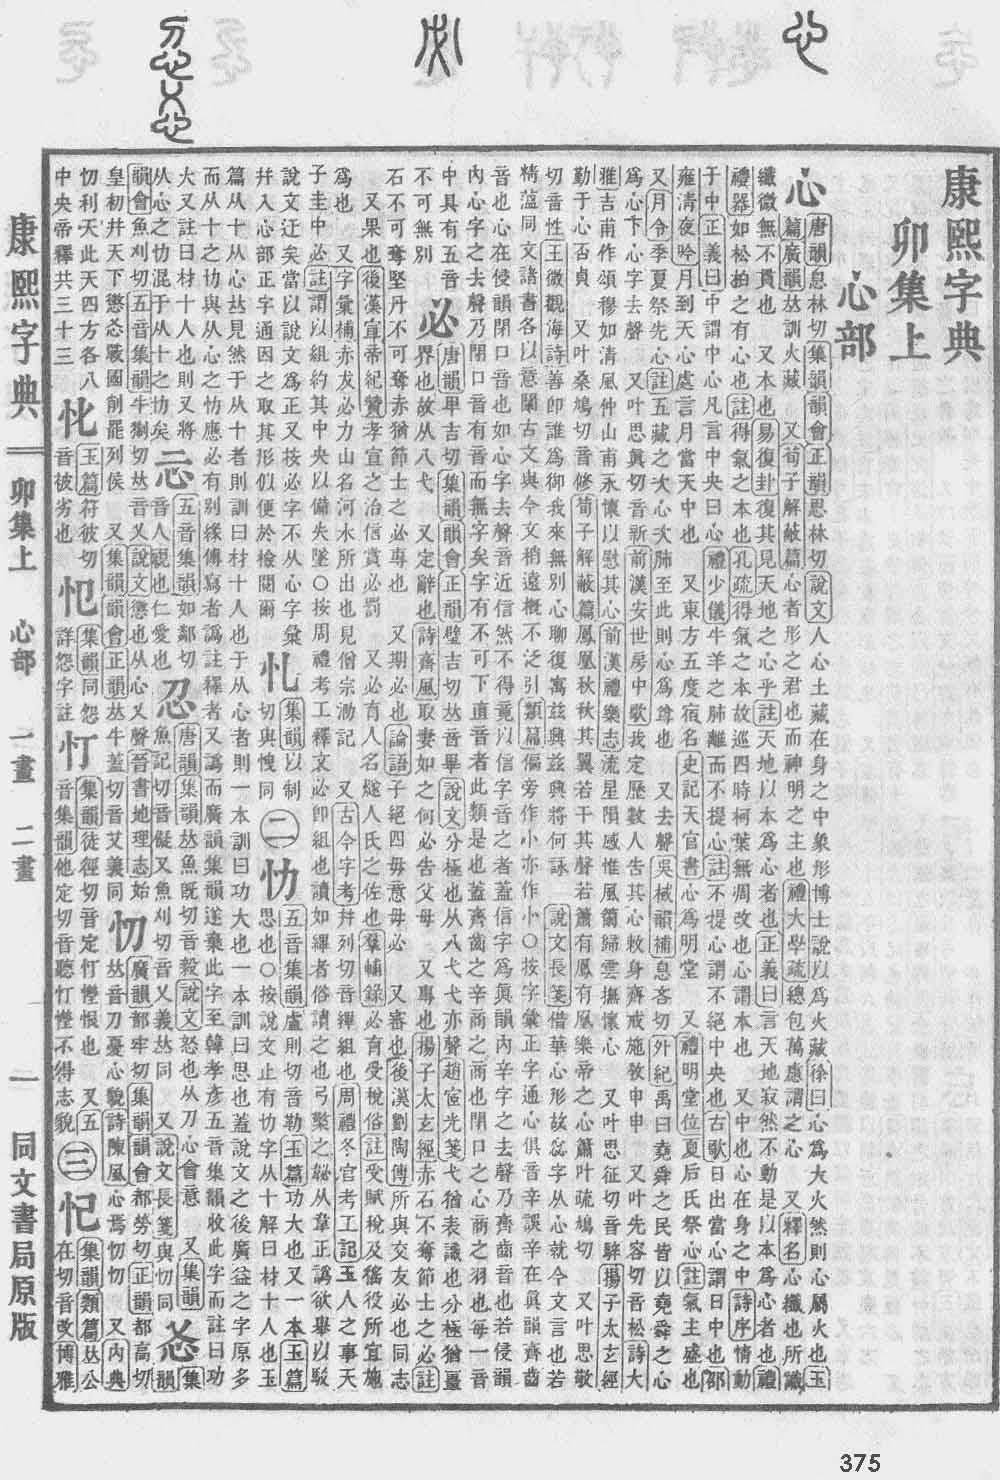 《康熙字典》第375页